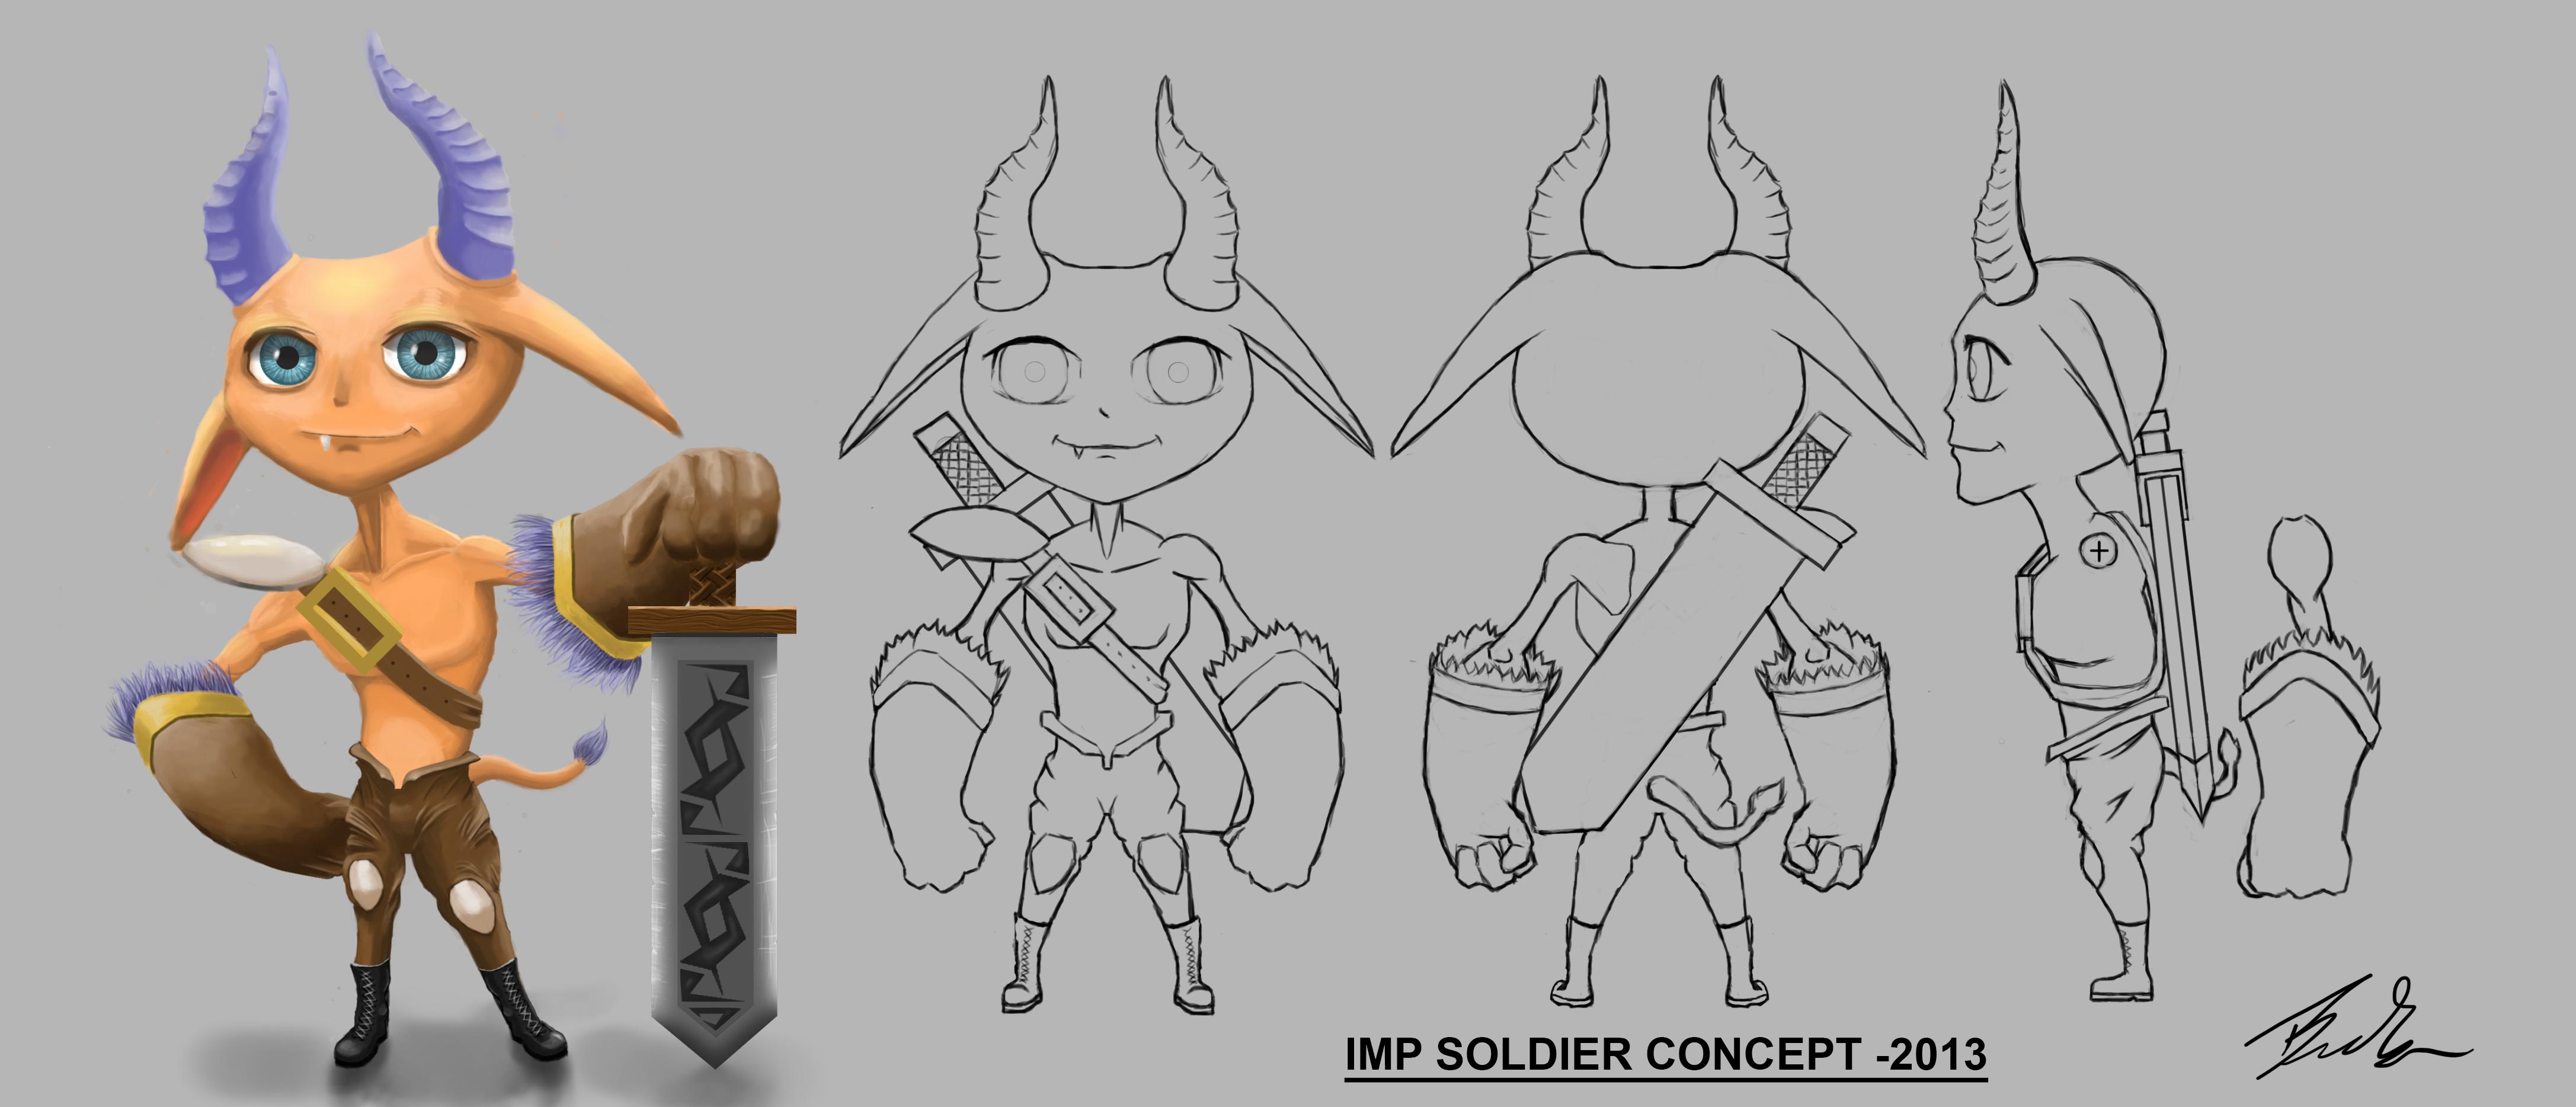 Imp soldier concept